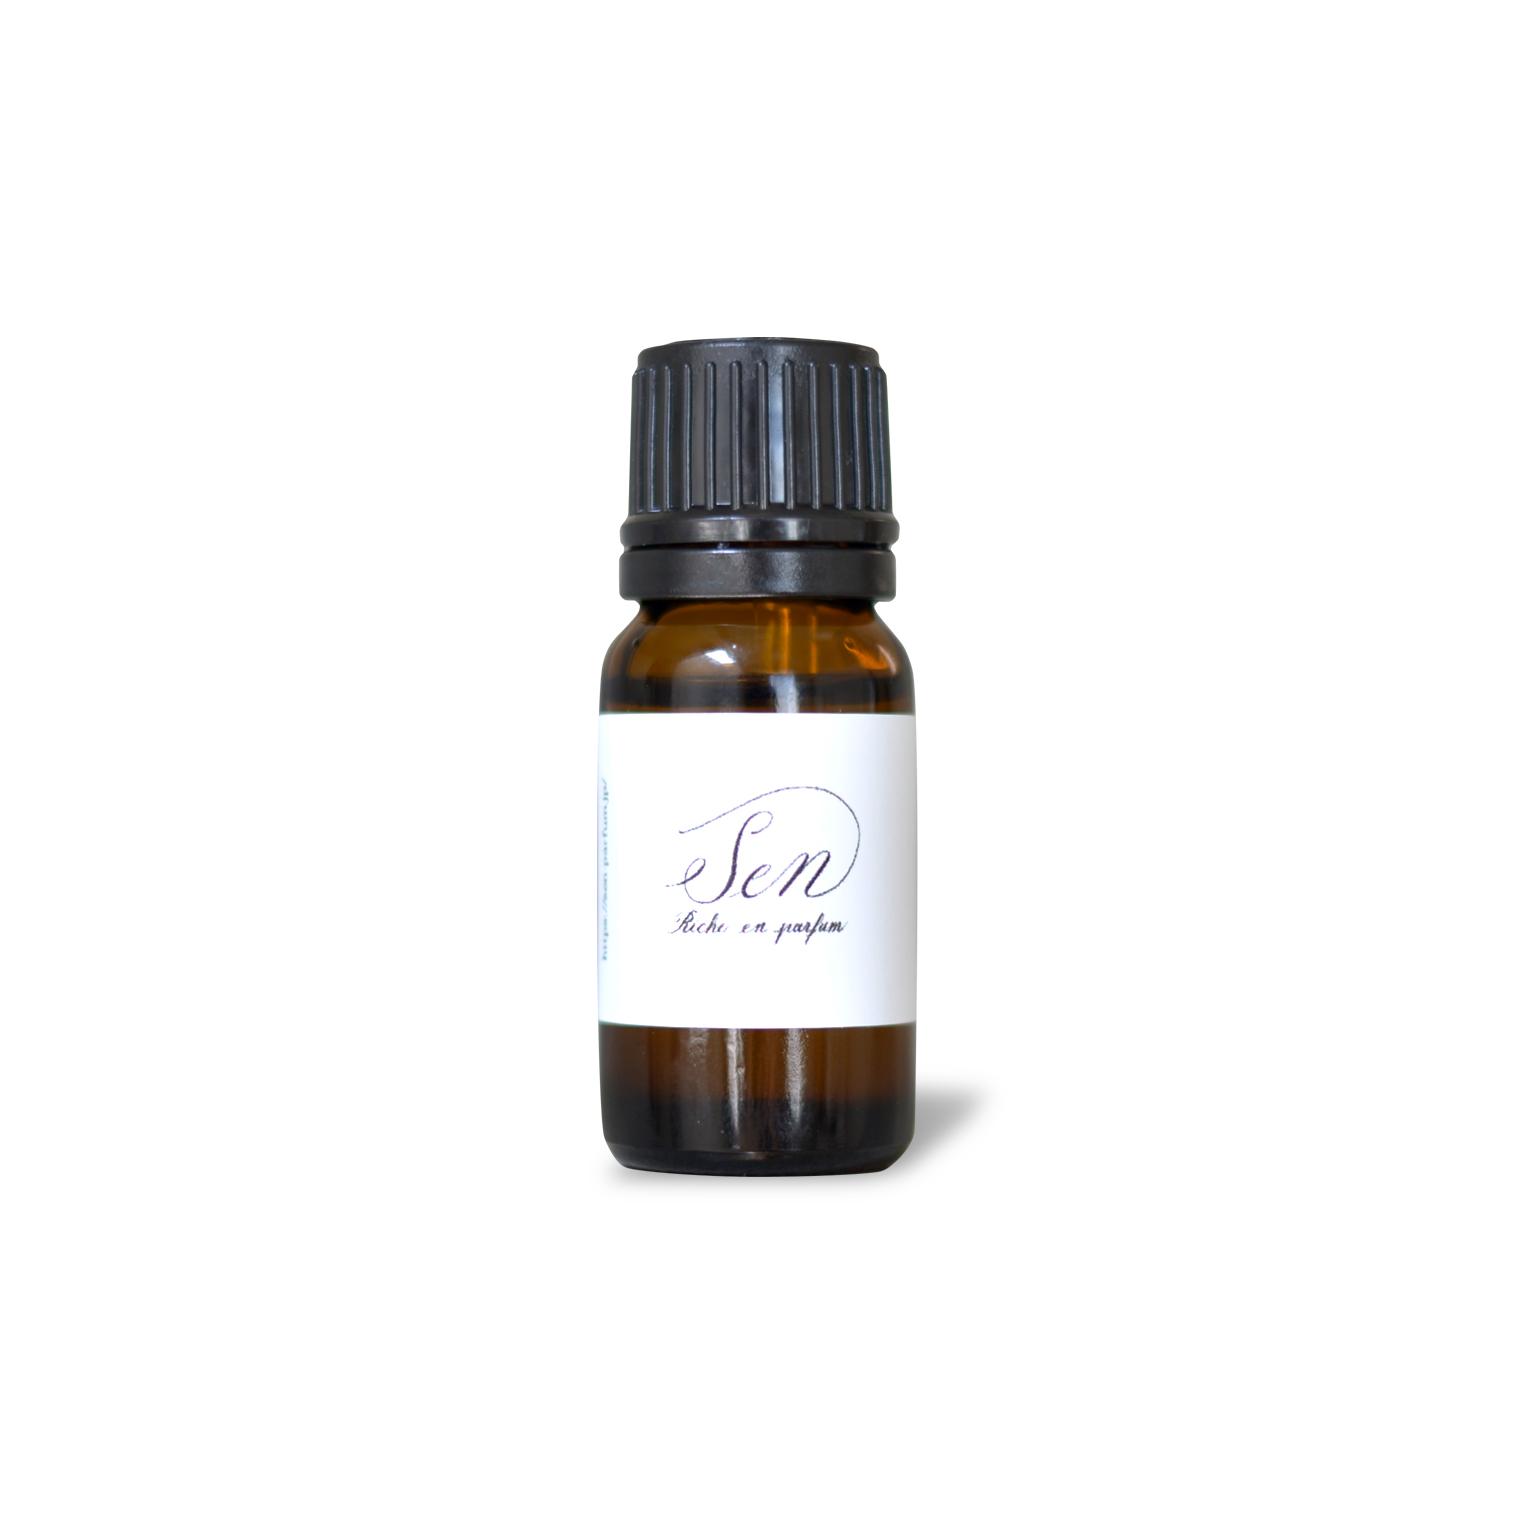 sen blended oil(sen ブレンドオイル)